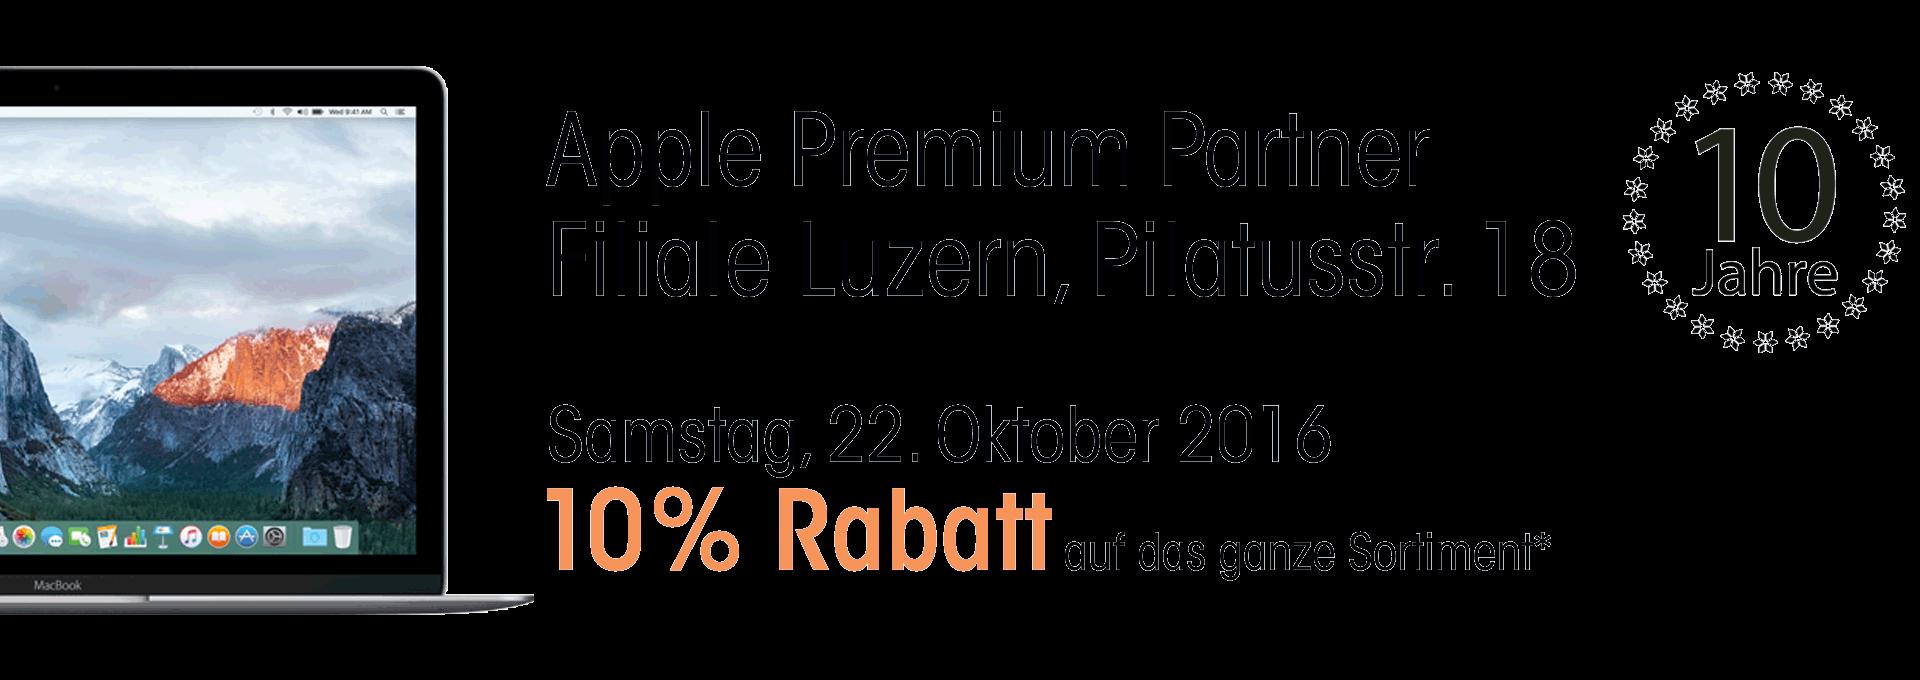 Jubiläum 10 Jahre APR Luzern